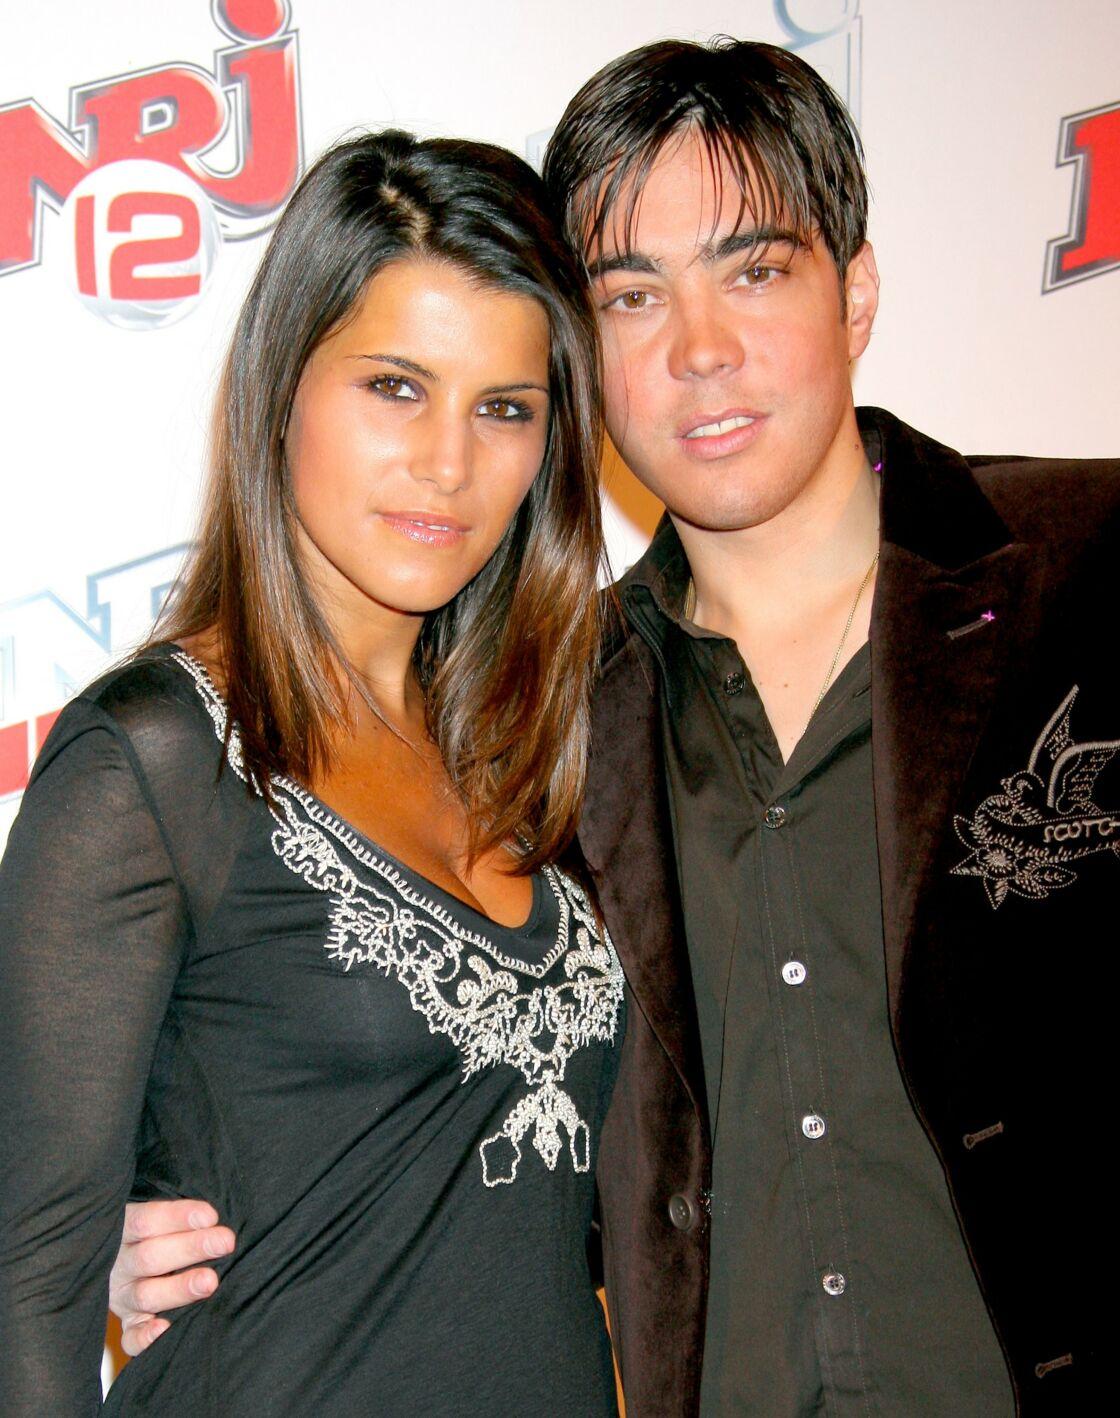 Grégory Lemarchal et sa compagne Karine Ferri à la soirée des deux ans de la chaîne NRJ 12, à Paris, le 23 mars 2007.